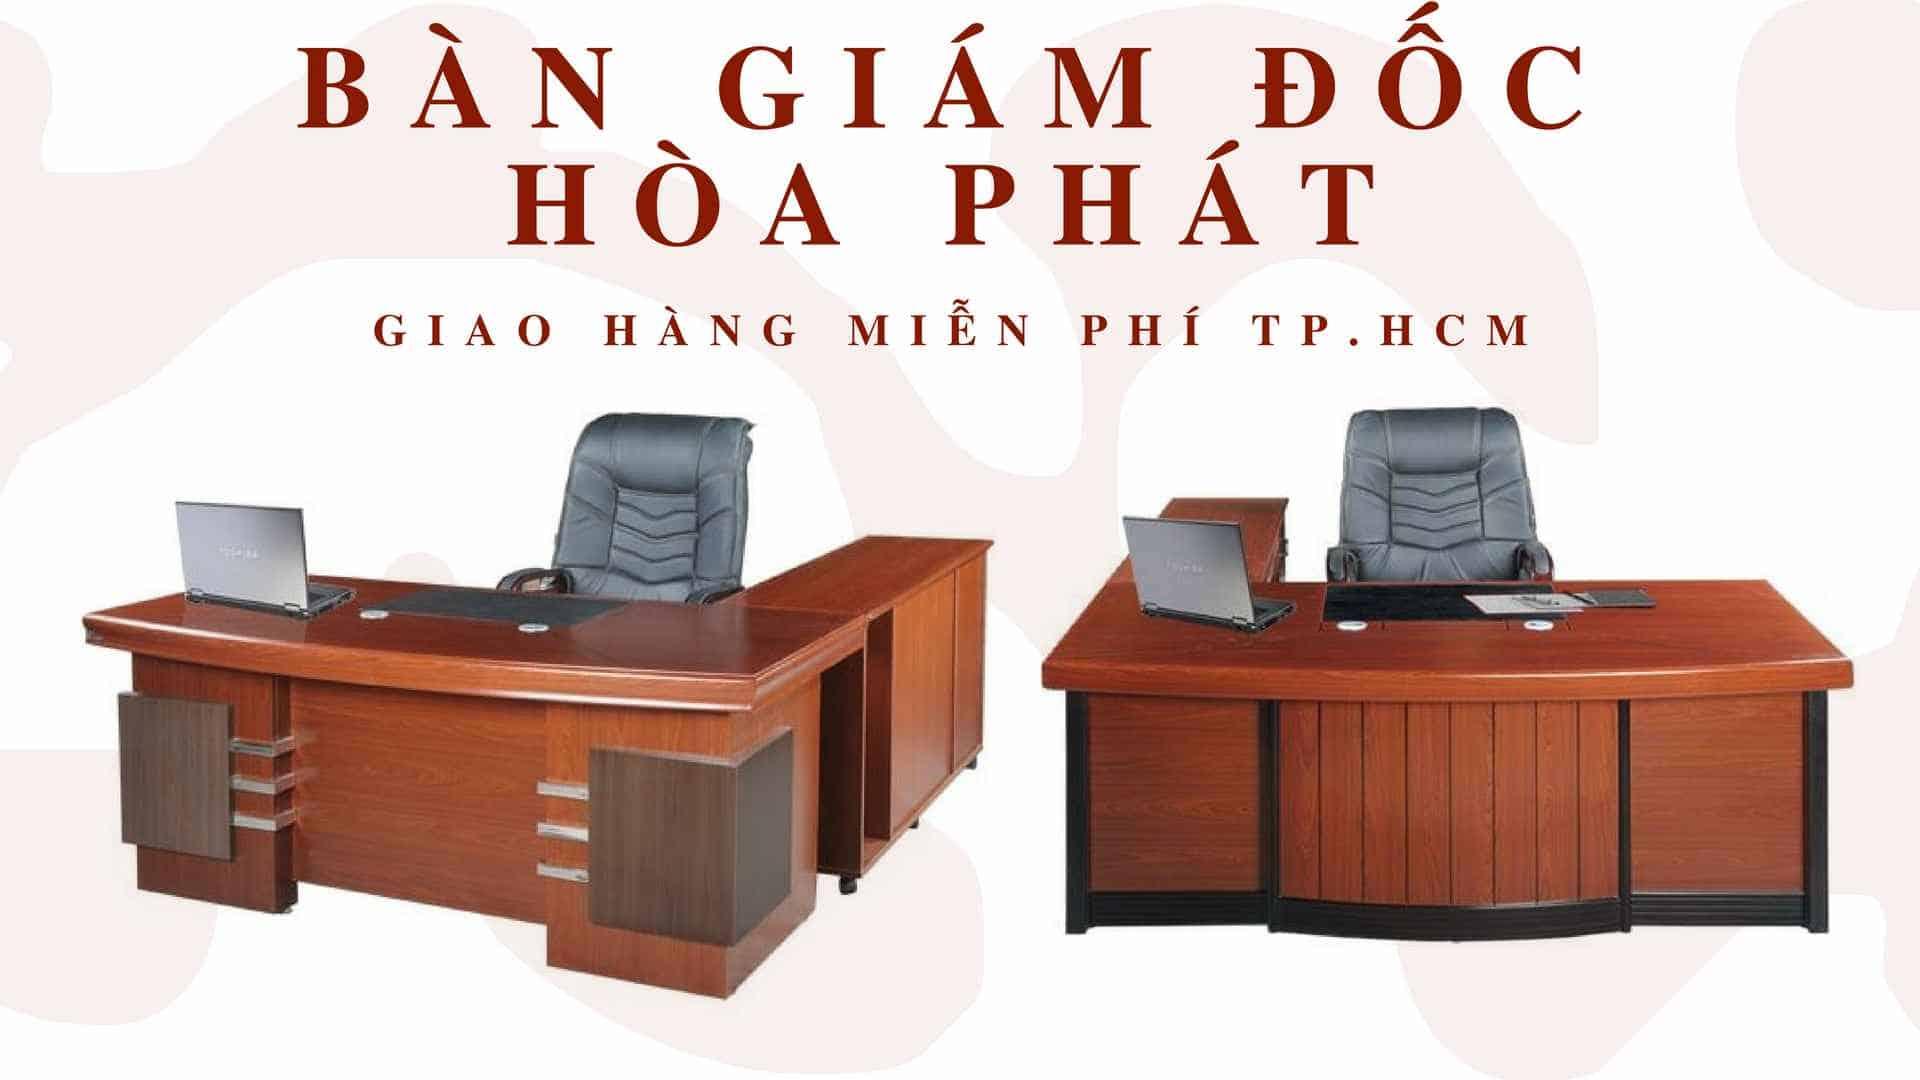 bàn giám đốchiện đại (1)-compressed